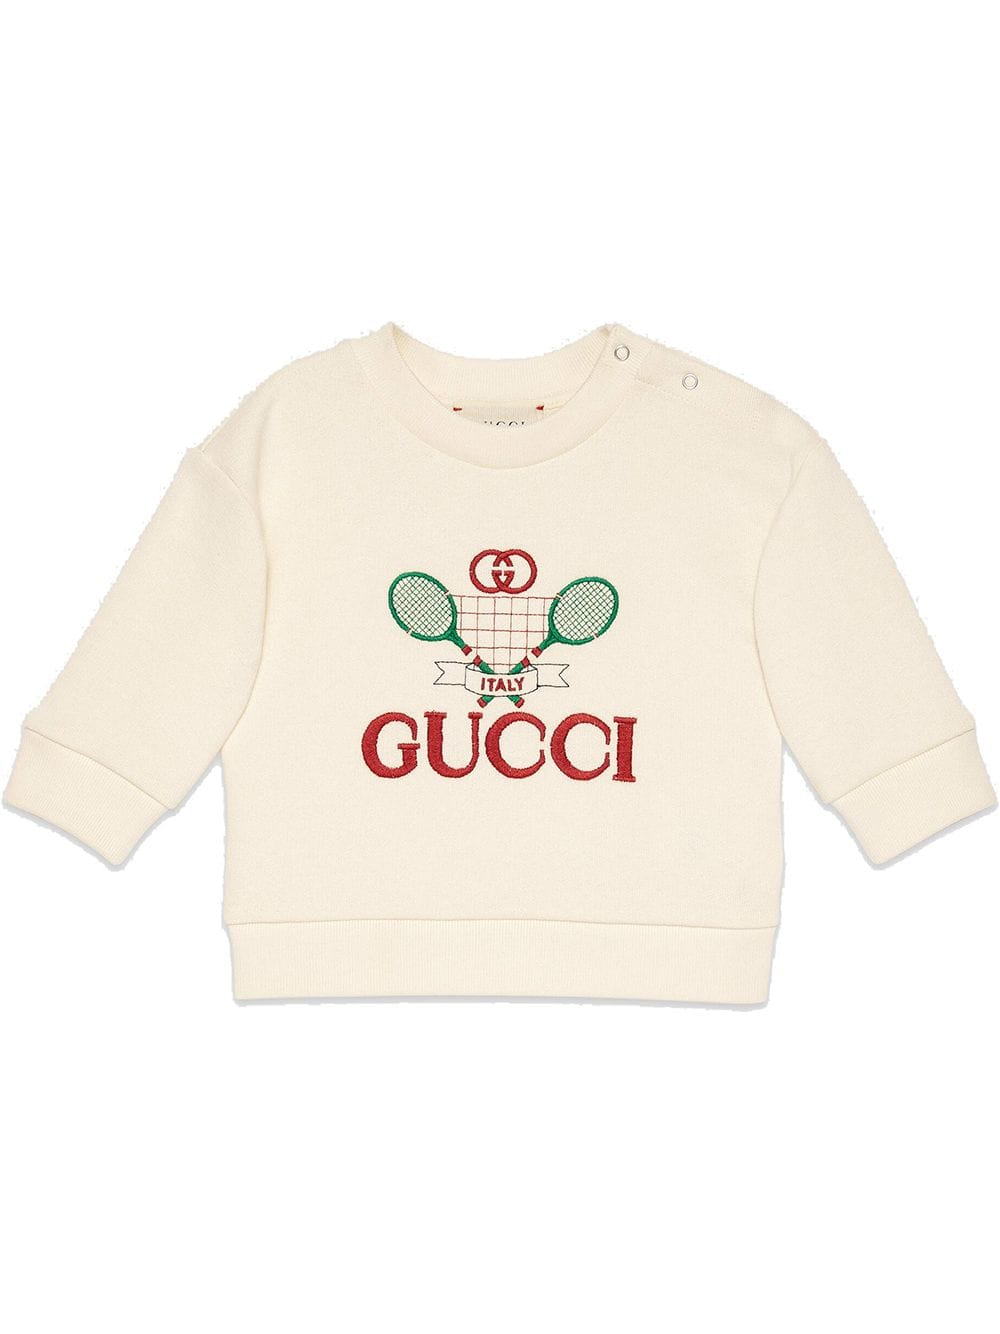 Gucci Kids Gucci Tennis Jumper Farfetch Sweatshirts Baby Sweatshirt Gucci Kids [ 1334 x 1000 Pixel ]